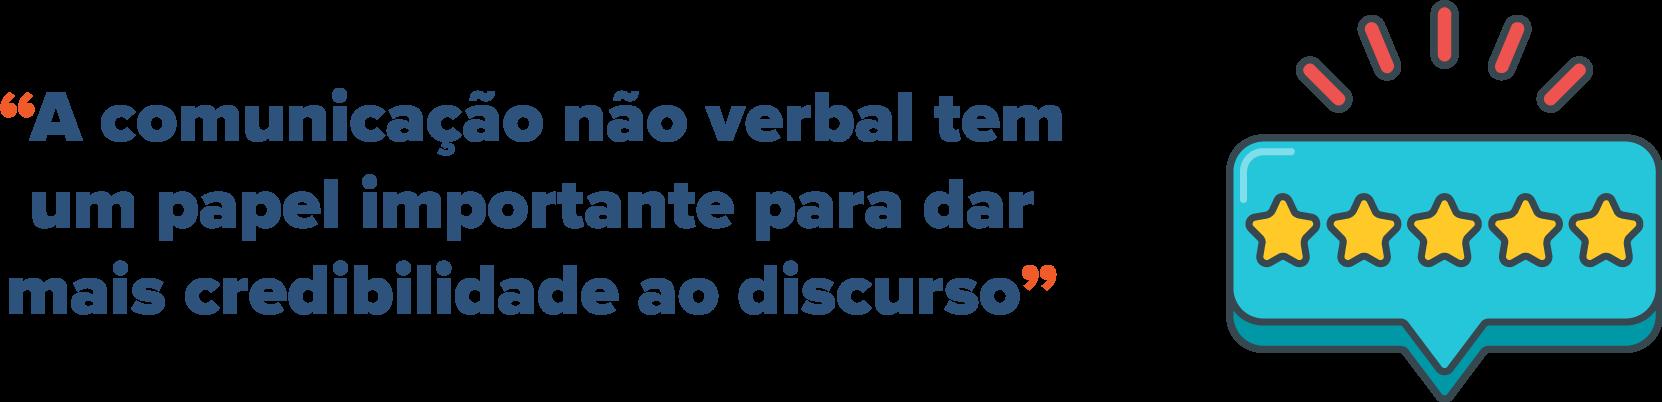 1-comunicacao-nao-verbal-para-potencializar-suas-vendas-por-telefone_phonetrack